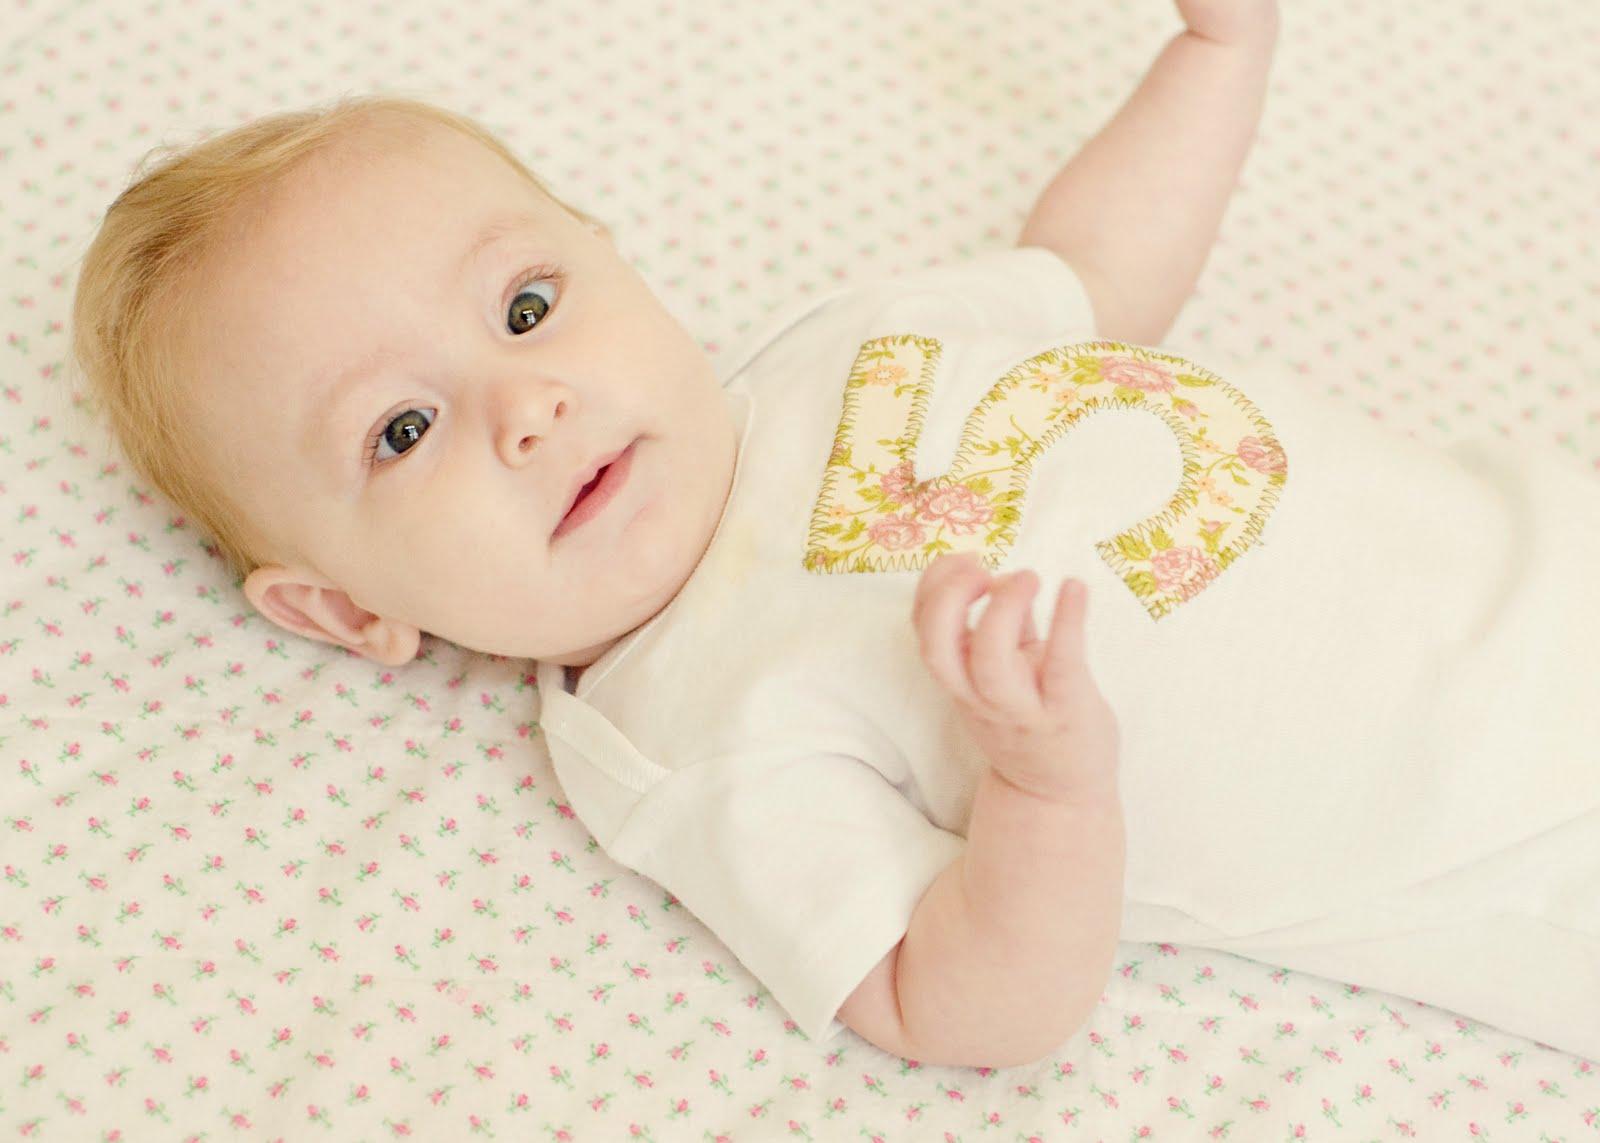 Хорошего дня, картинки для ребенка 5 месяцев развитие